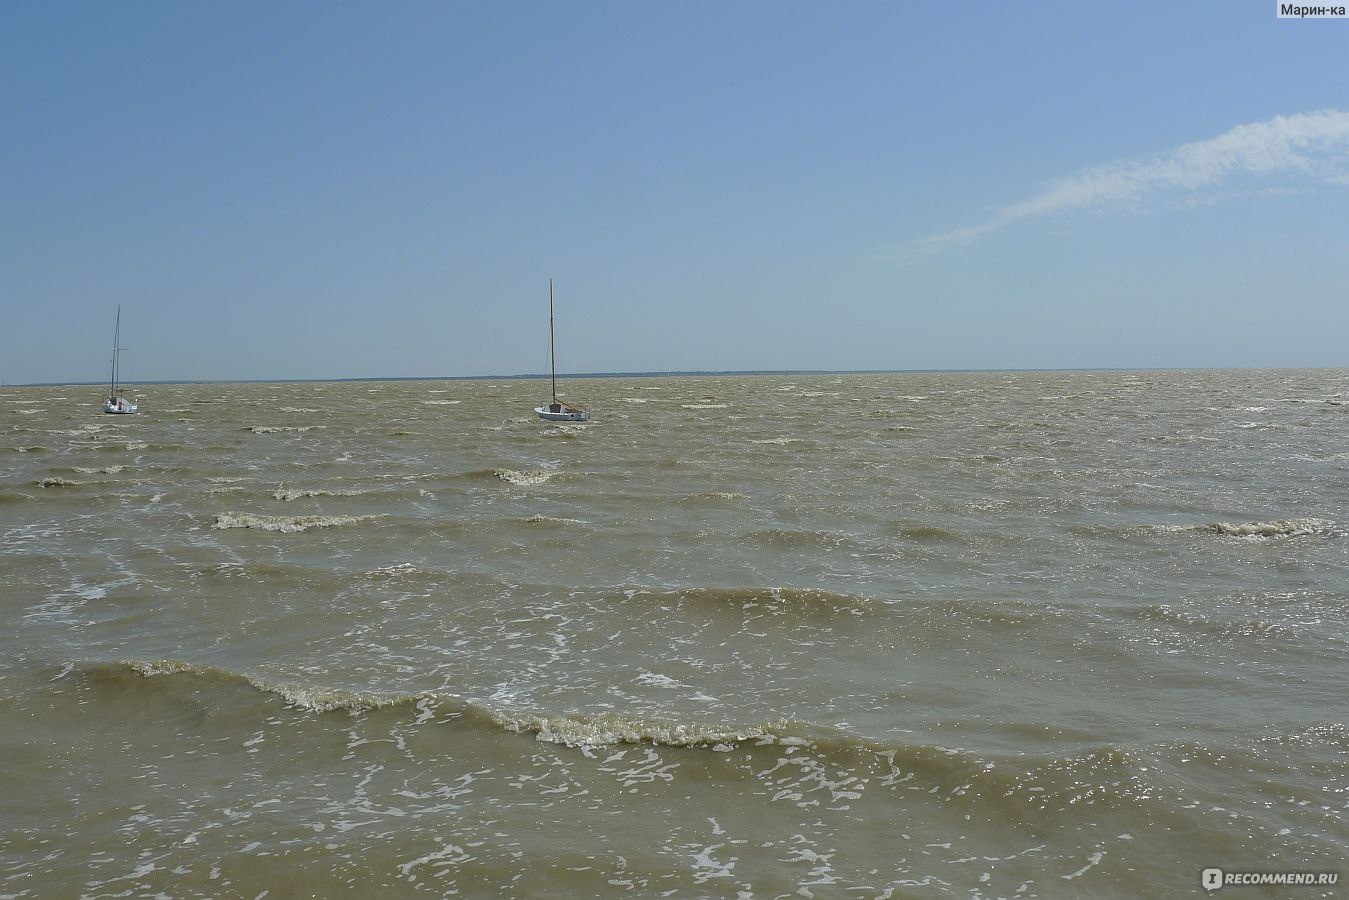 Пляж лиман фото ейска